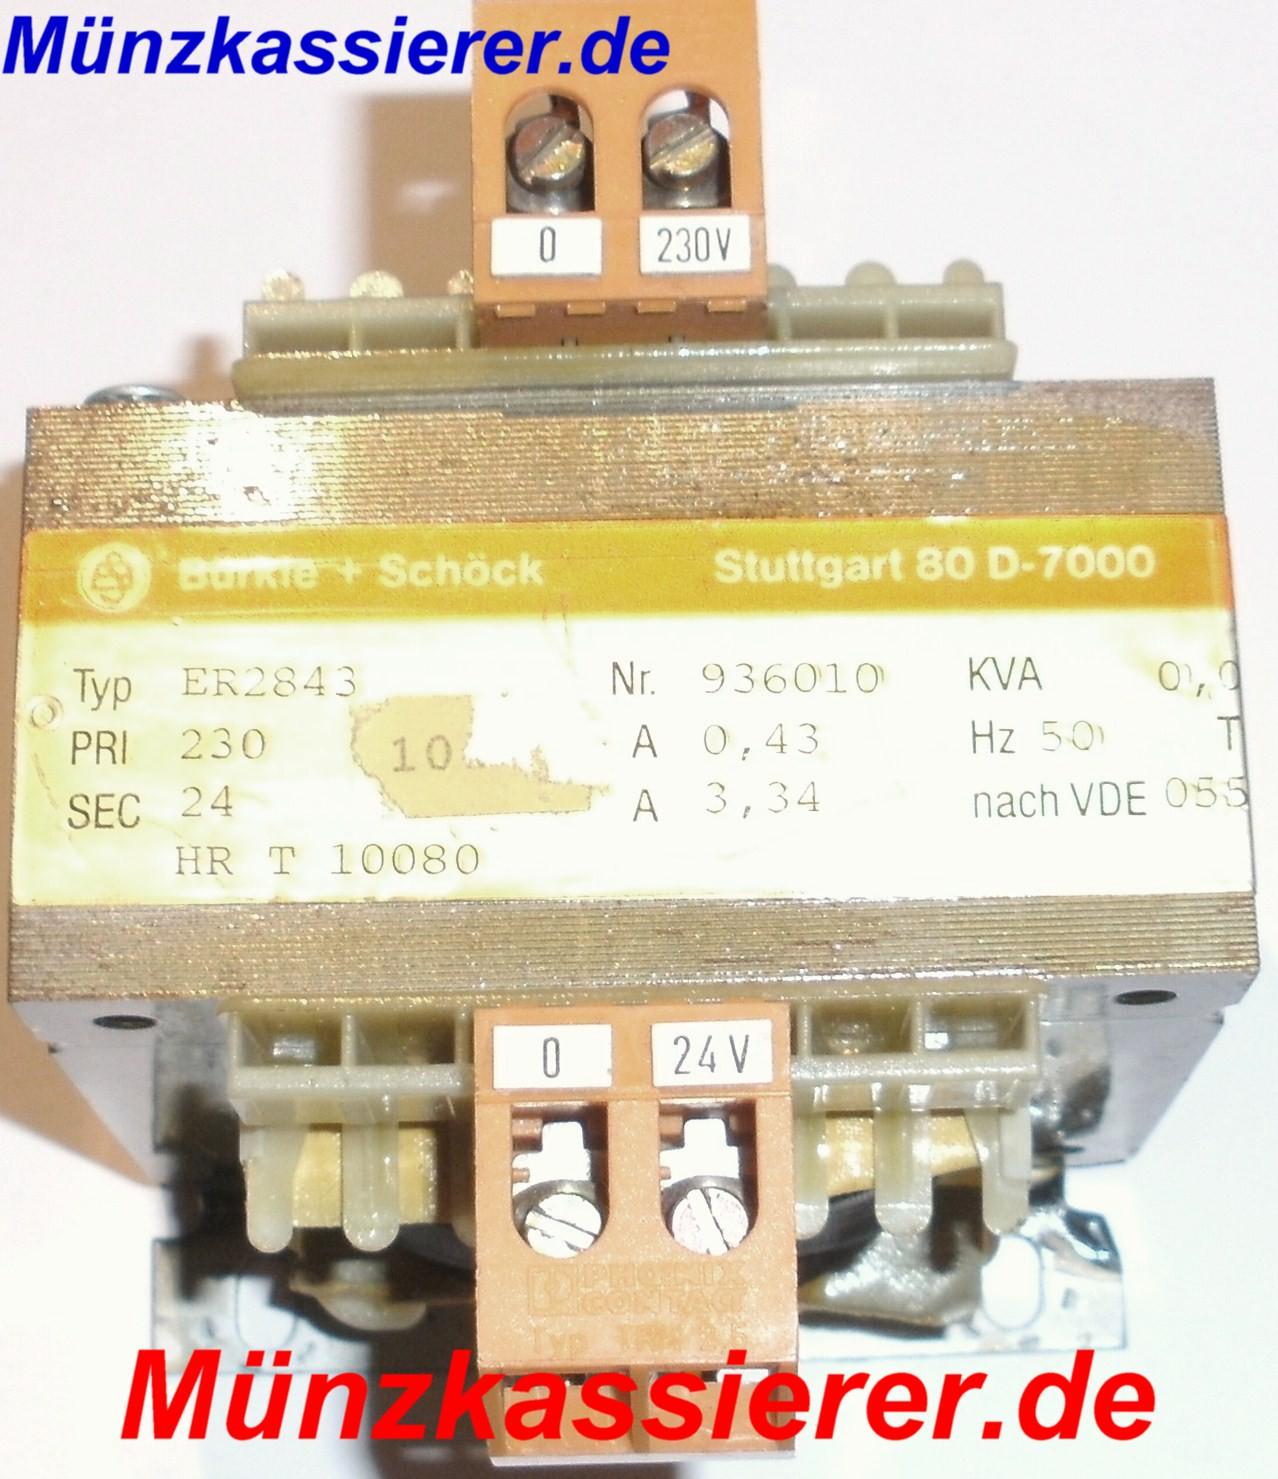 Münzkassierer.de TRAFO Transformator Netzteil 230VAC 24VAC 80VA Kleinspannung